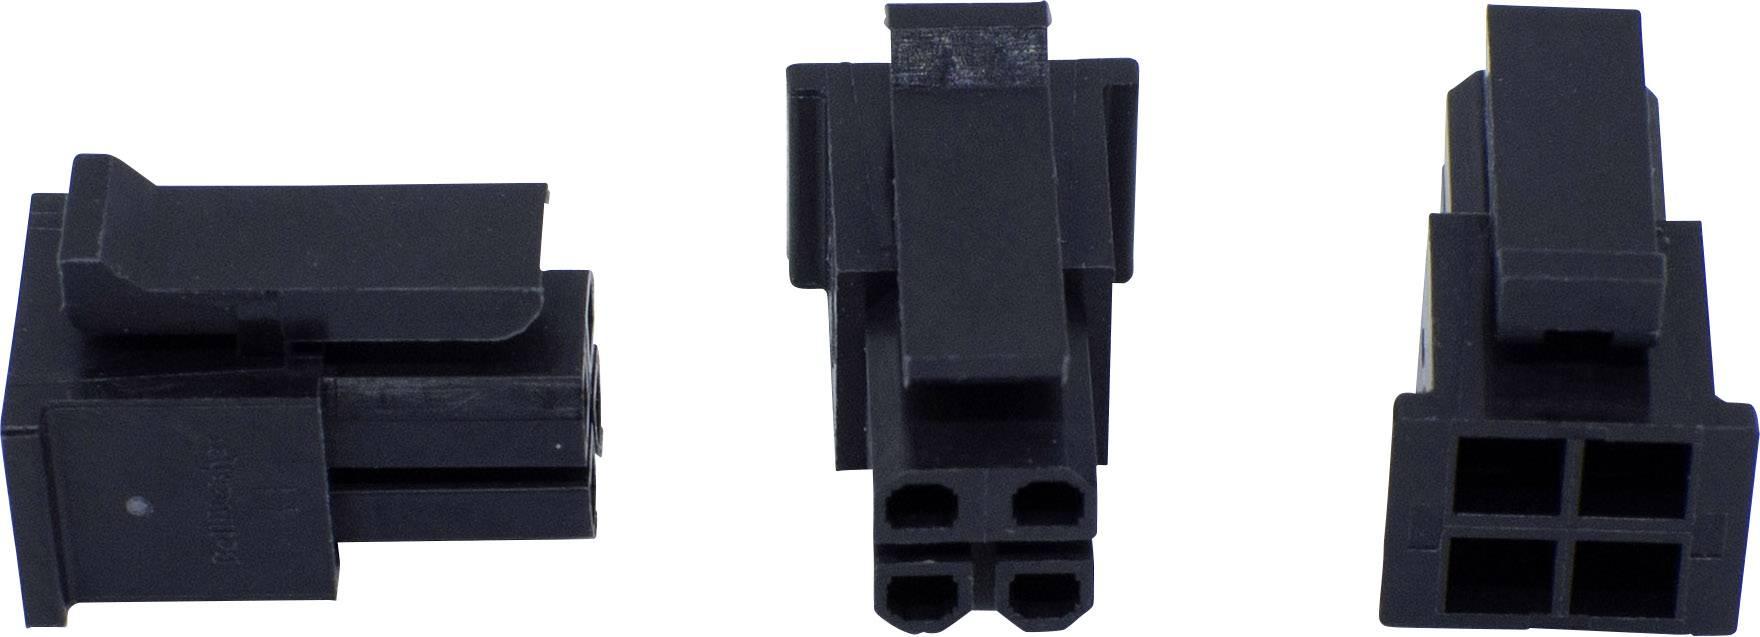 Zásuvkový konektor na kabel BellWether 70093-0600, pólů 6, rozteč 3 mm, 1 ks